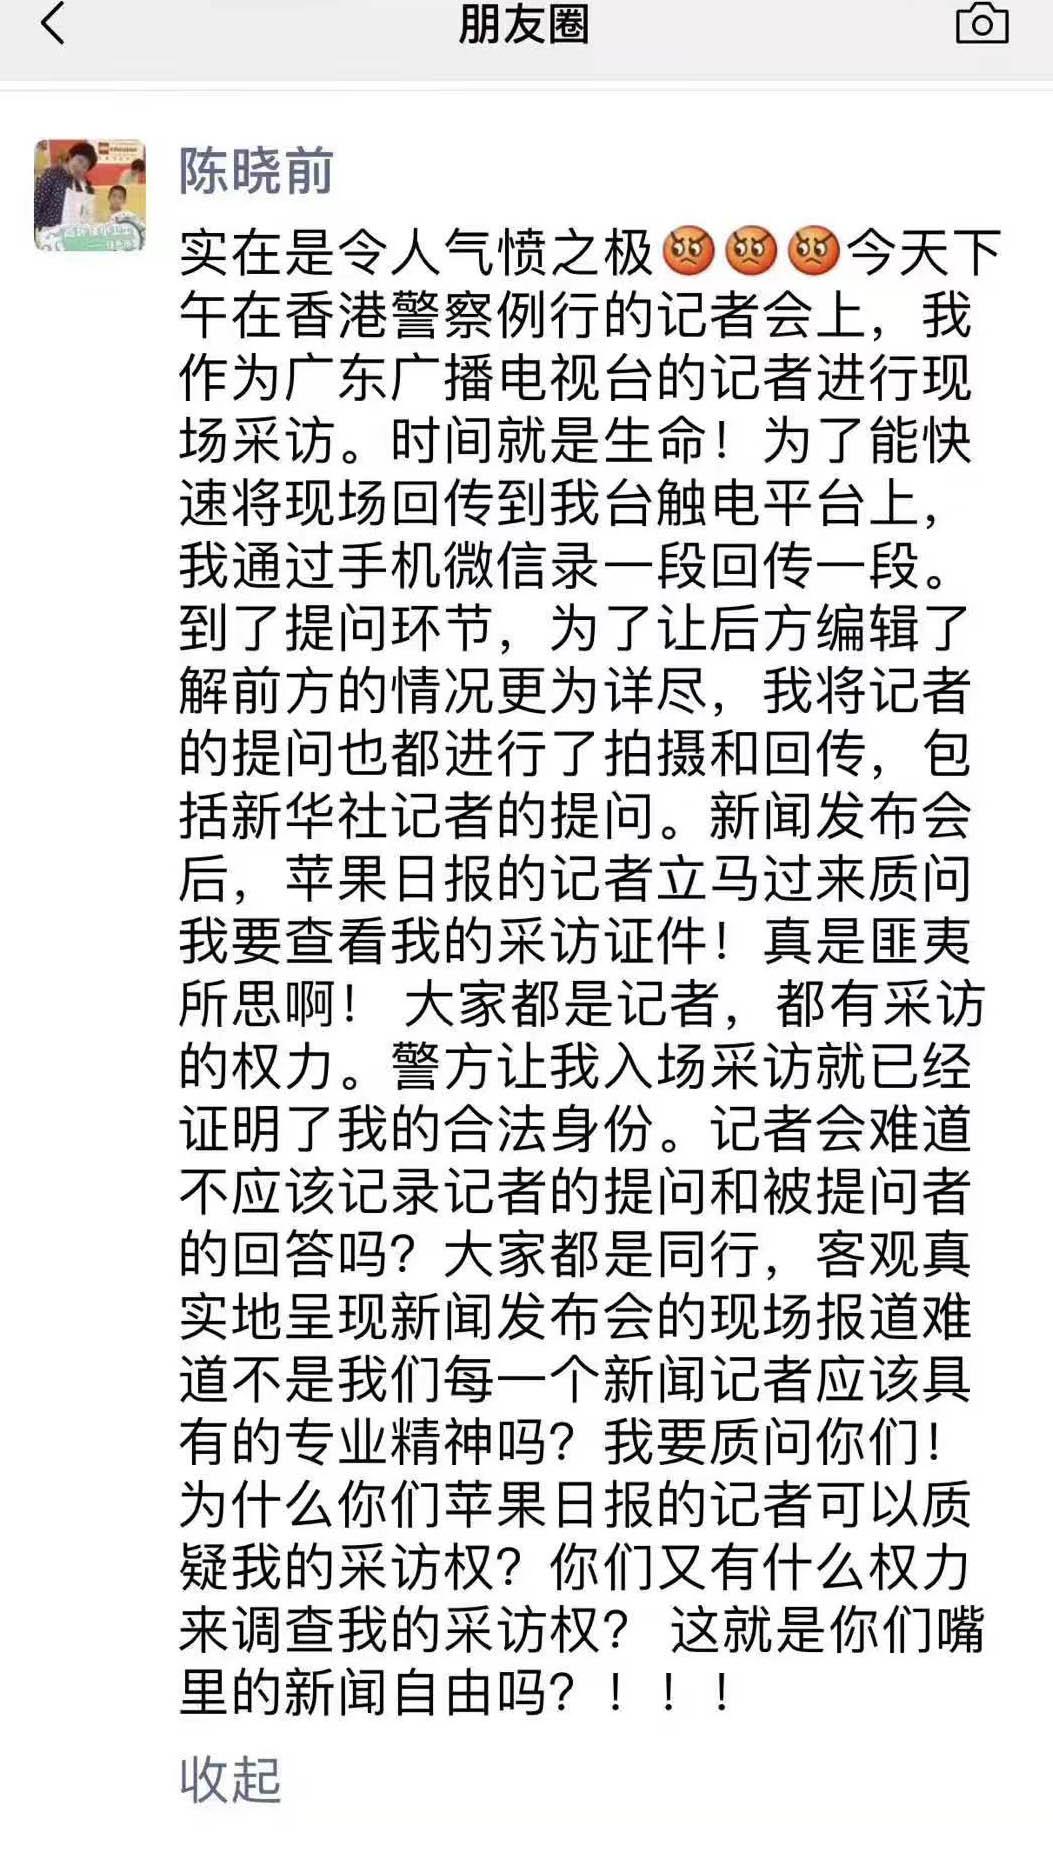 被港媒围堵内地女记者发文:这就